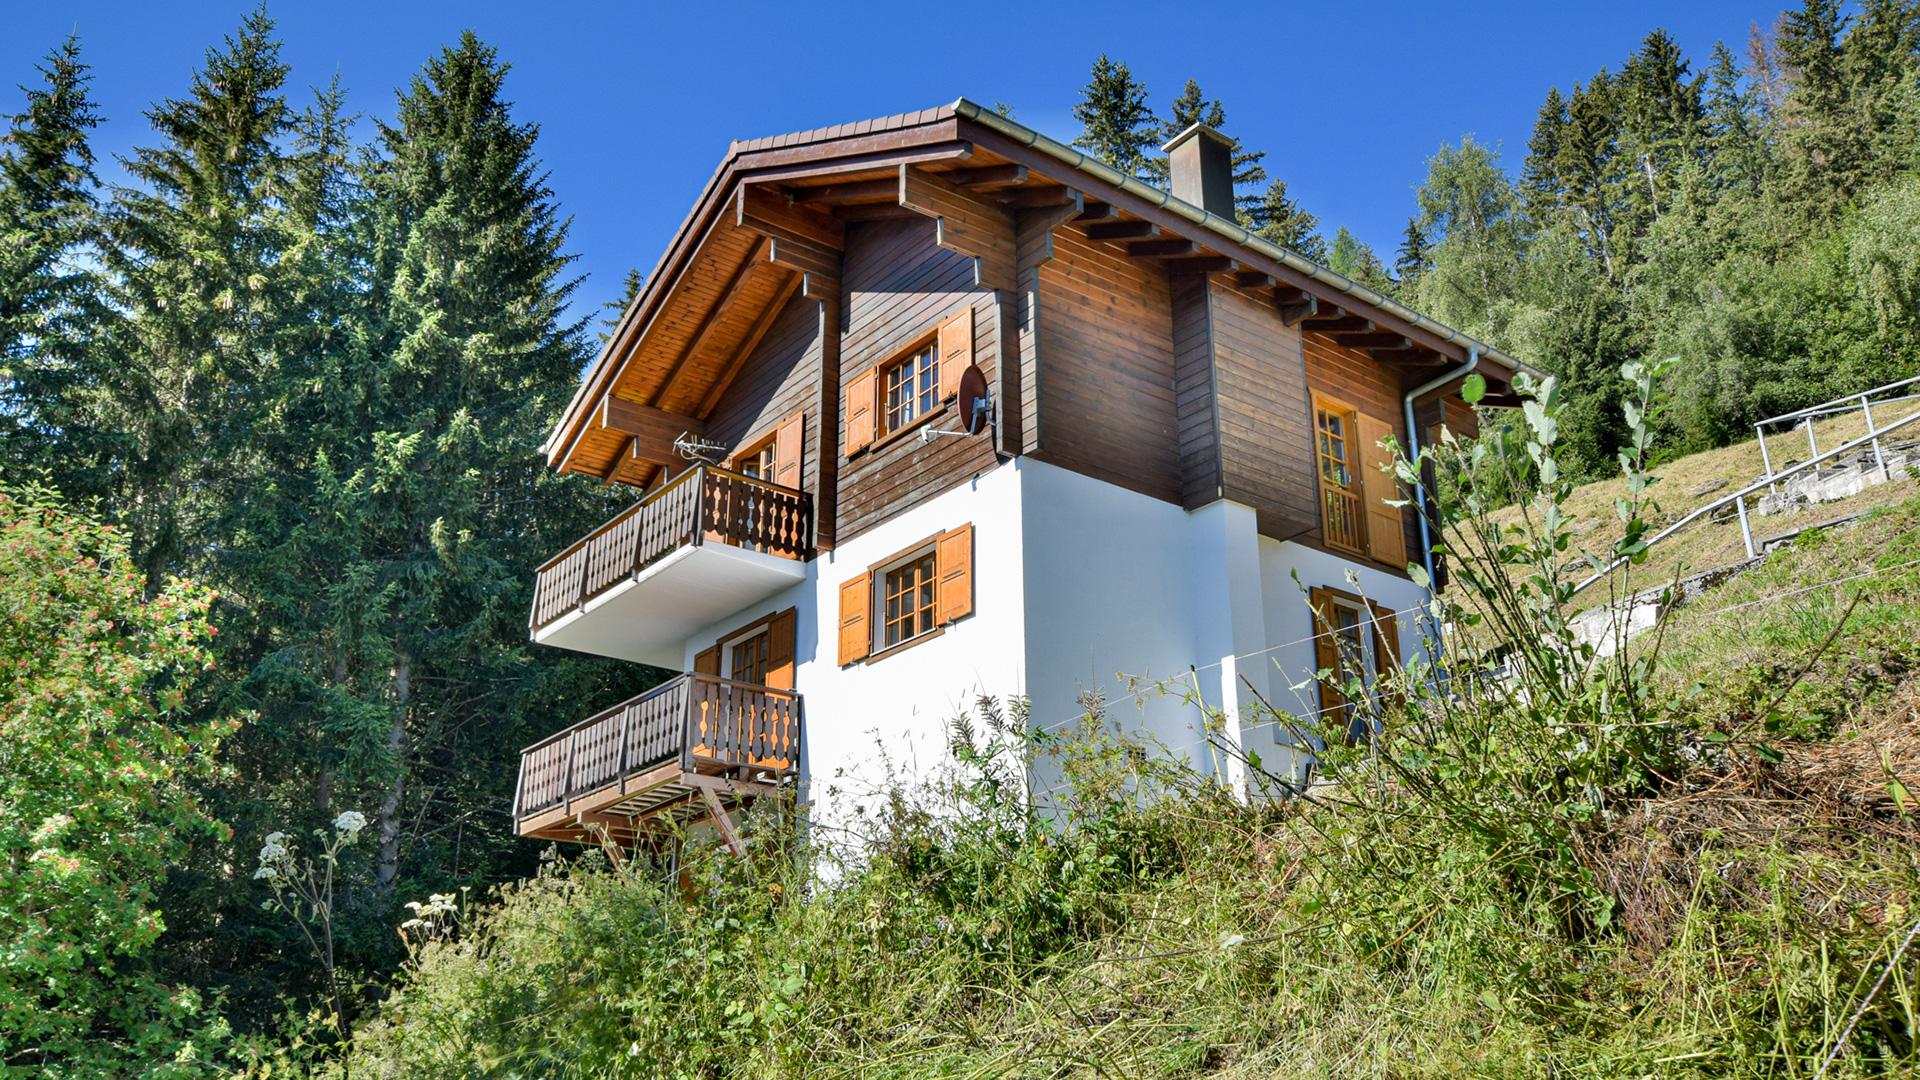 Chalet sur le Piste Chalet, Switzerland